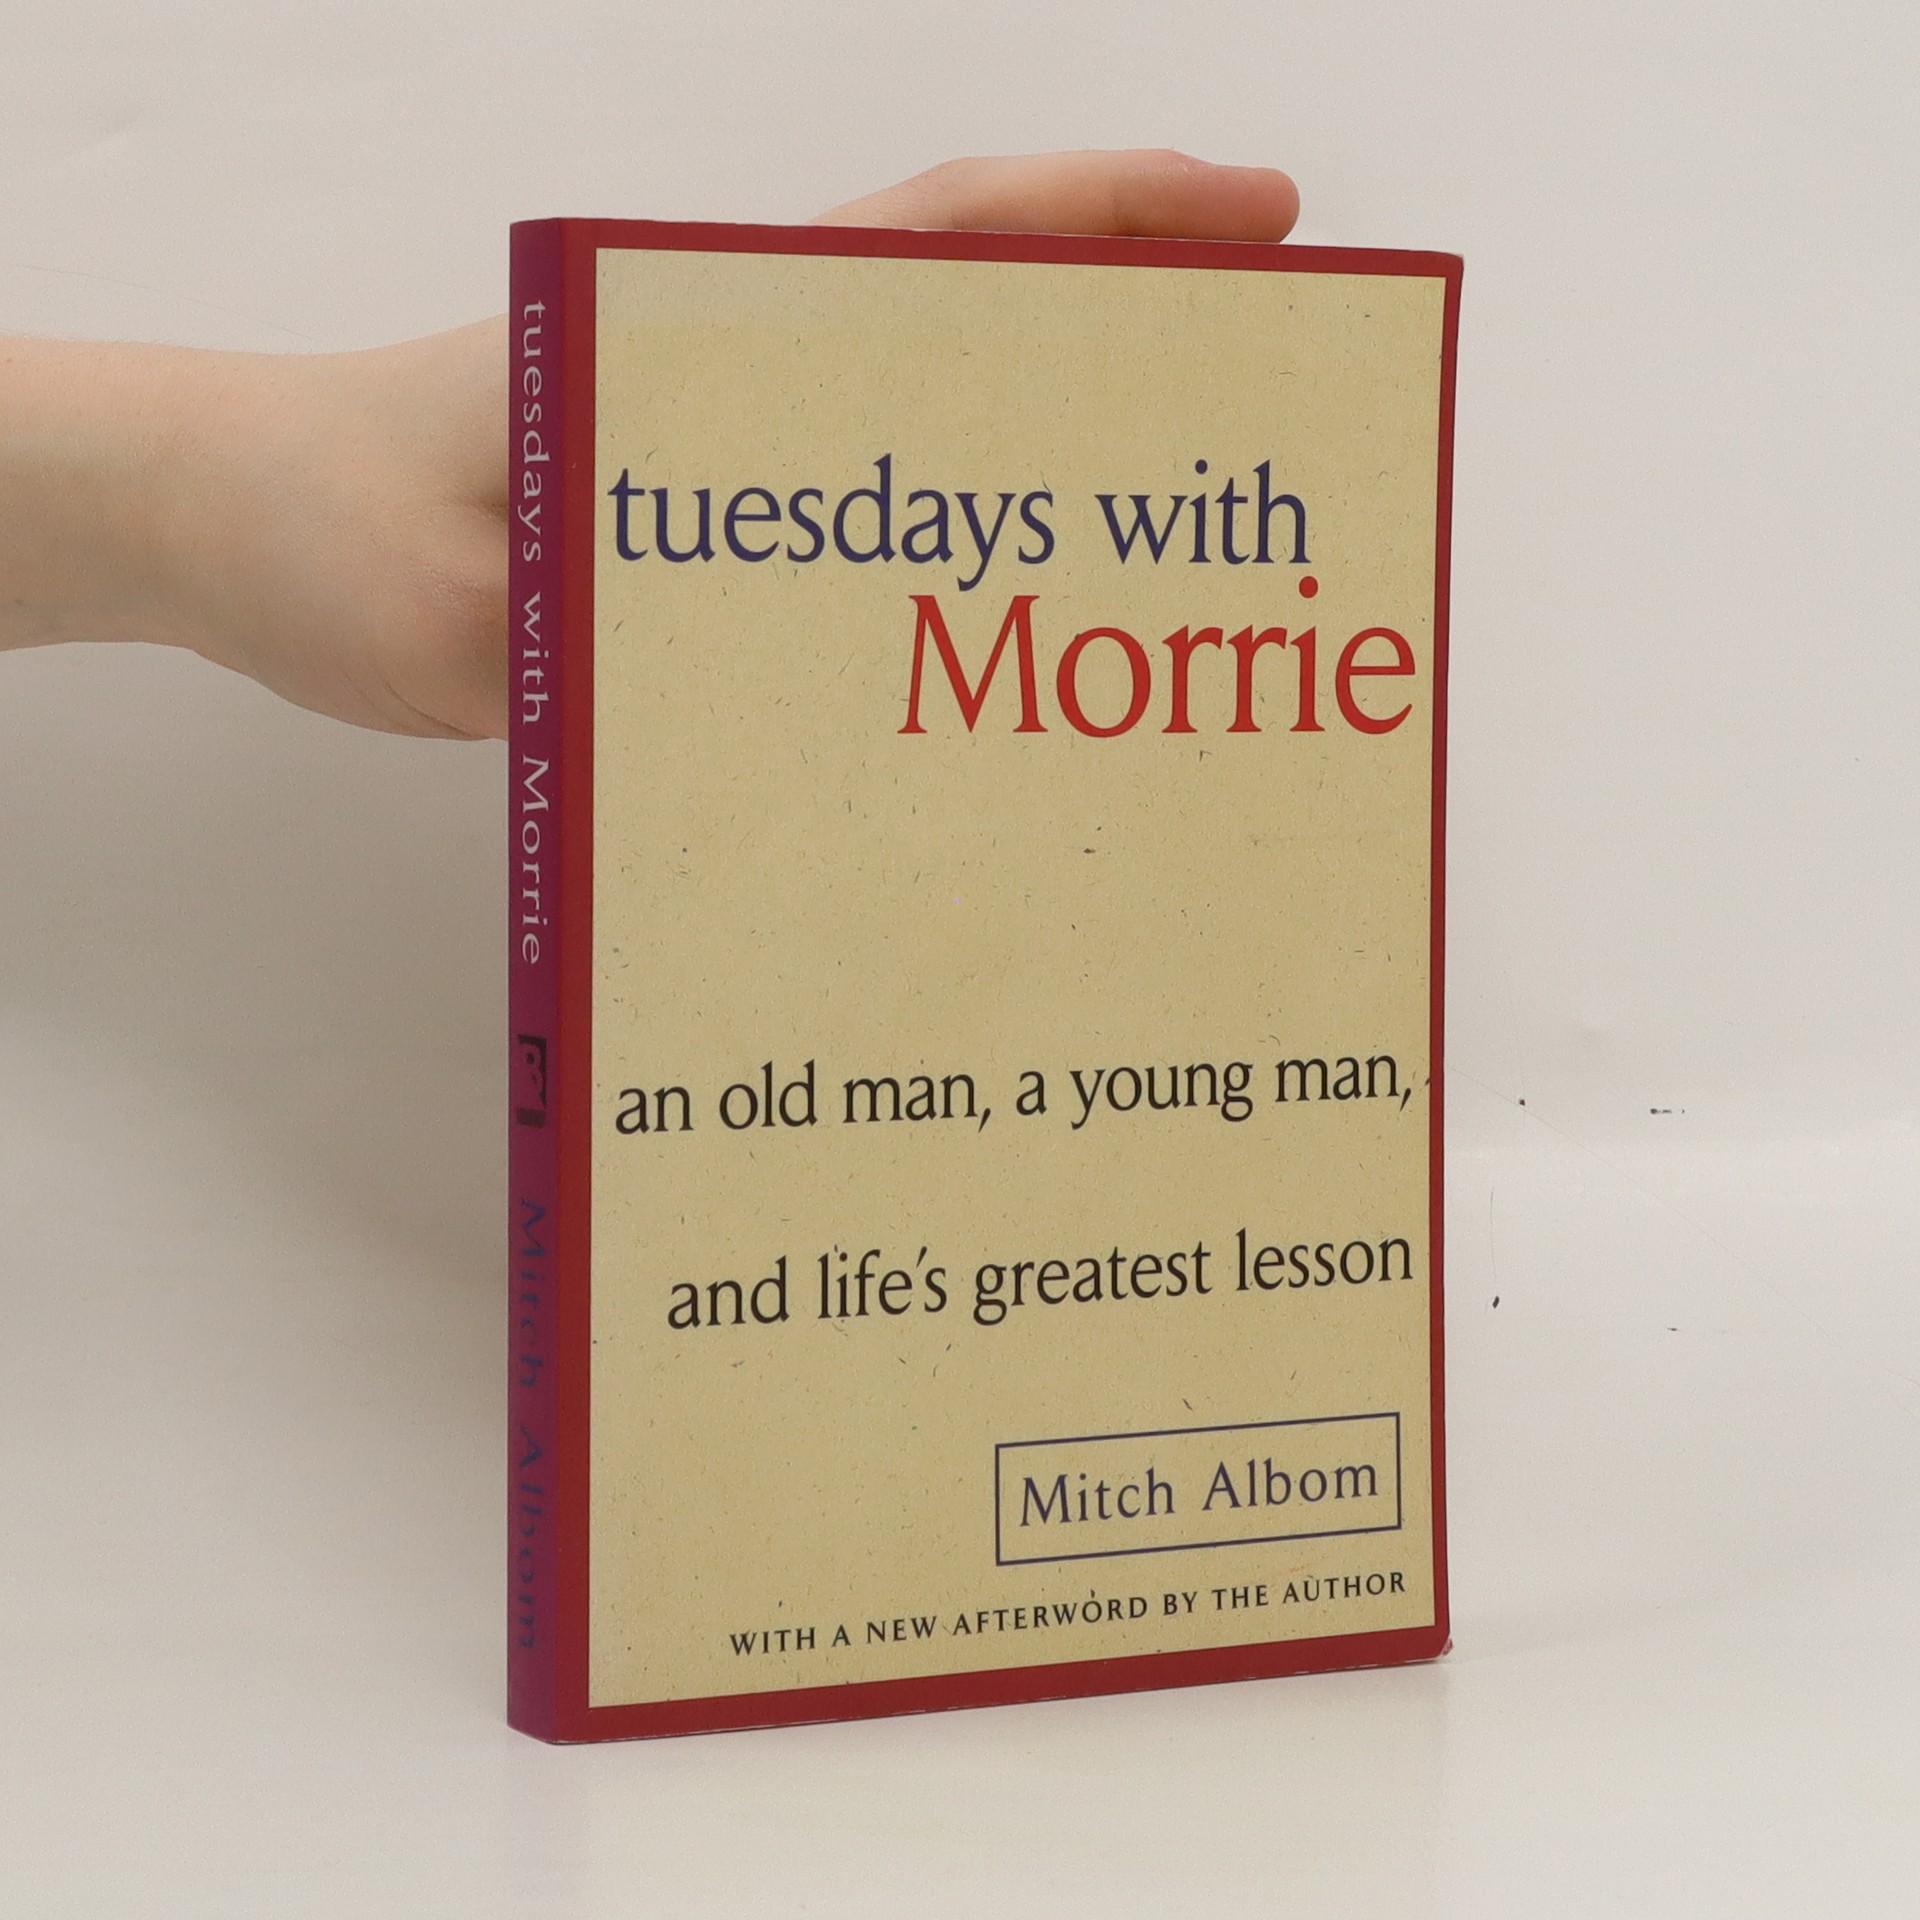 antikvární kniha Tuesdays with Morrie, 1997